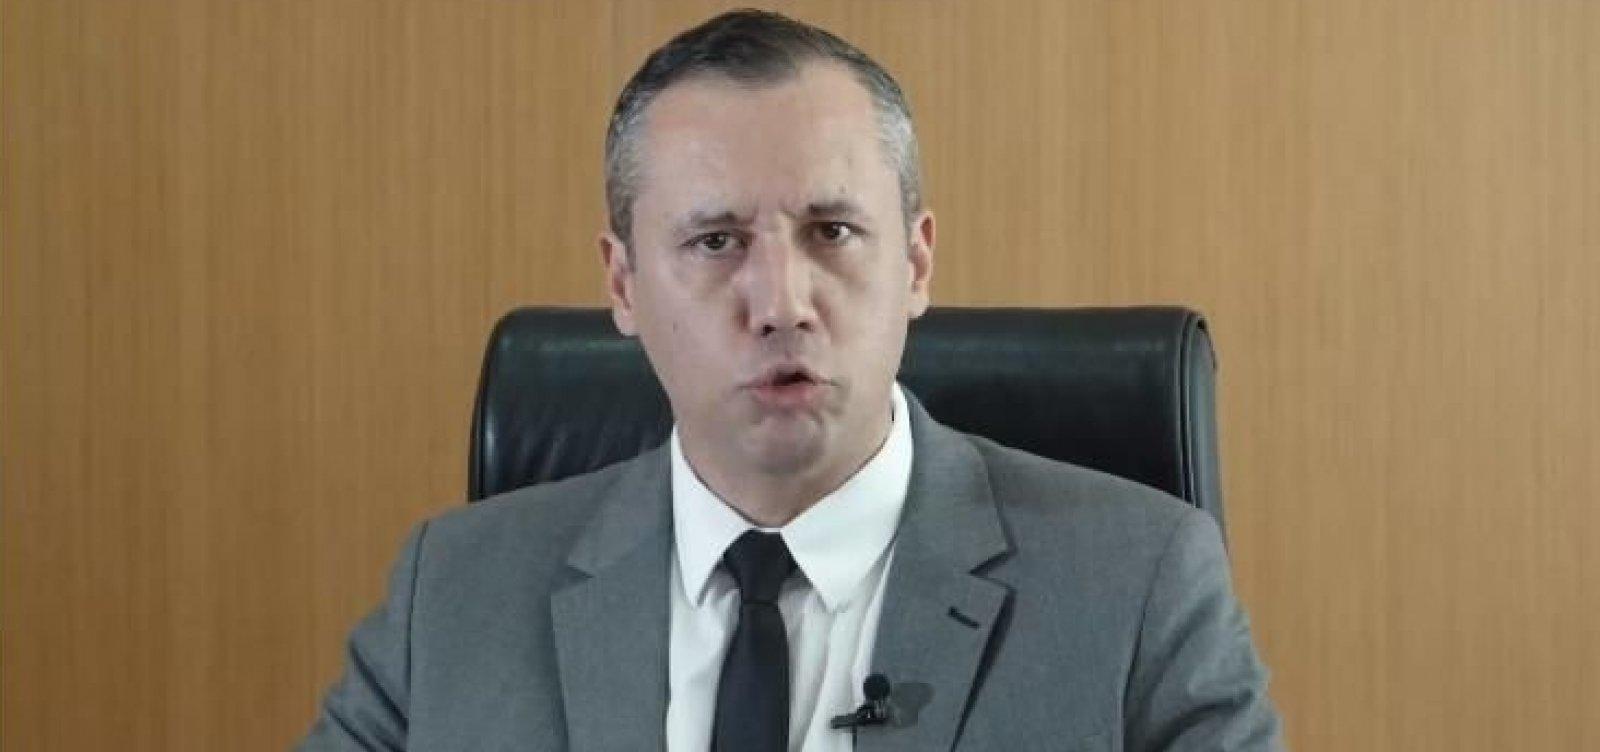 [Secretário da Cultura de Bolsonaro imita ministro nazista em pronunciamento; veja vídeo]